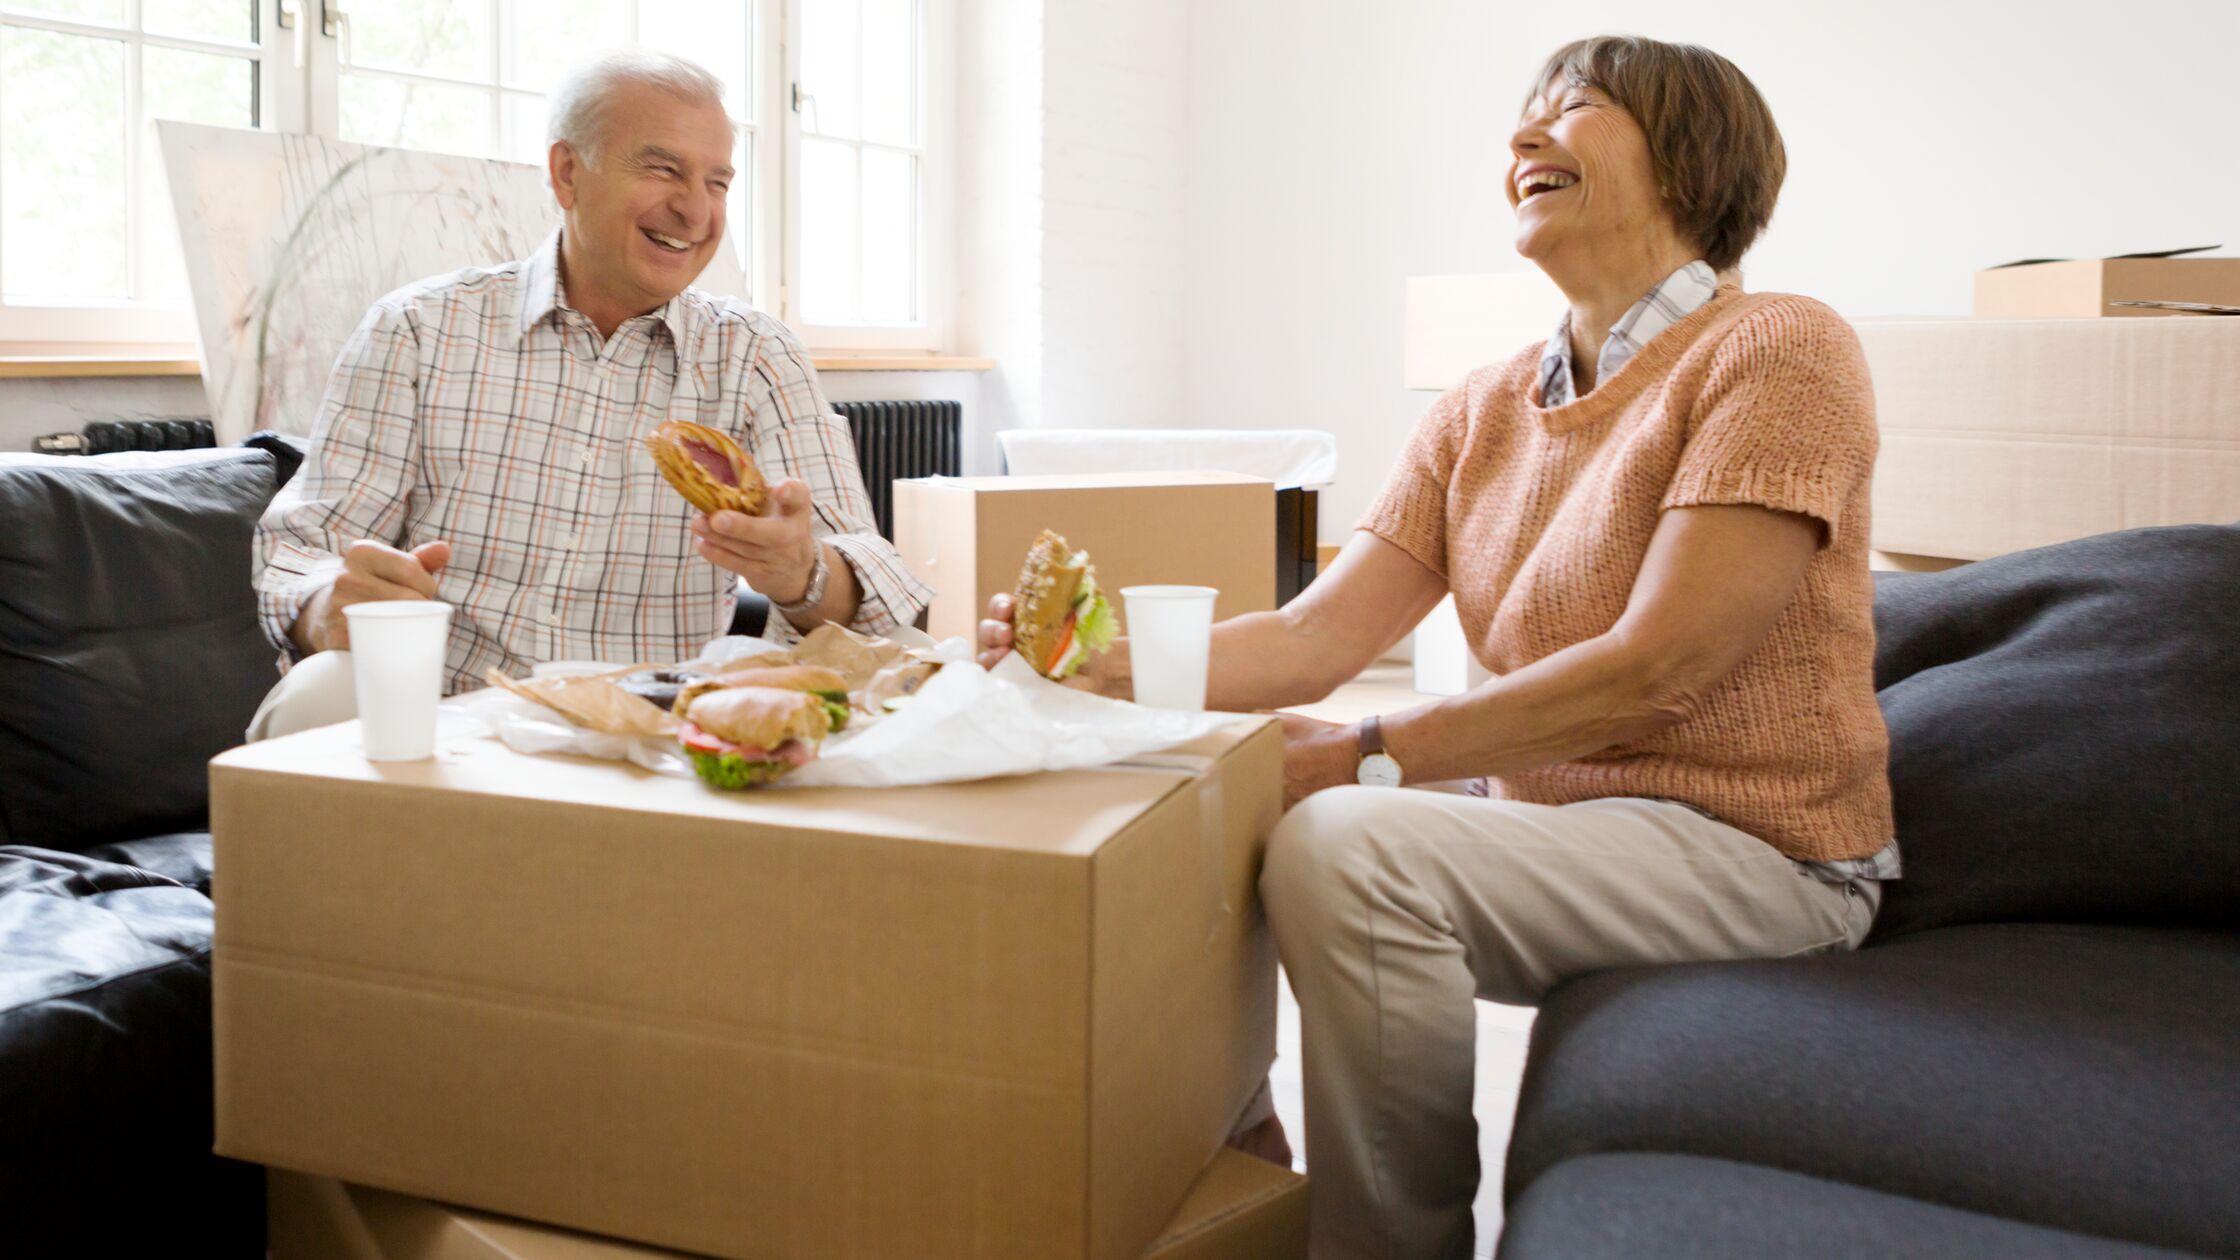 Älteres Paar sitzt zwischen Umzugskartons, darauf belegte Brote.